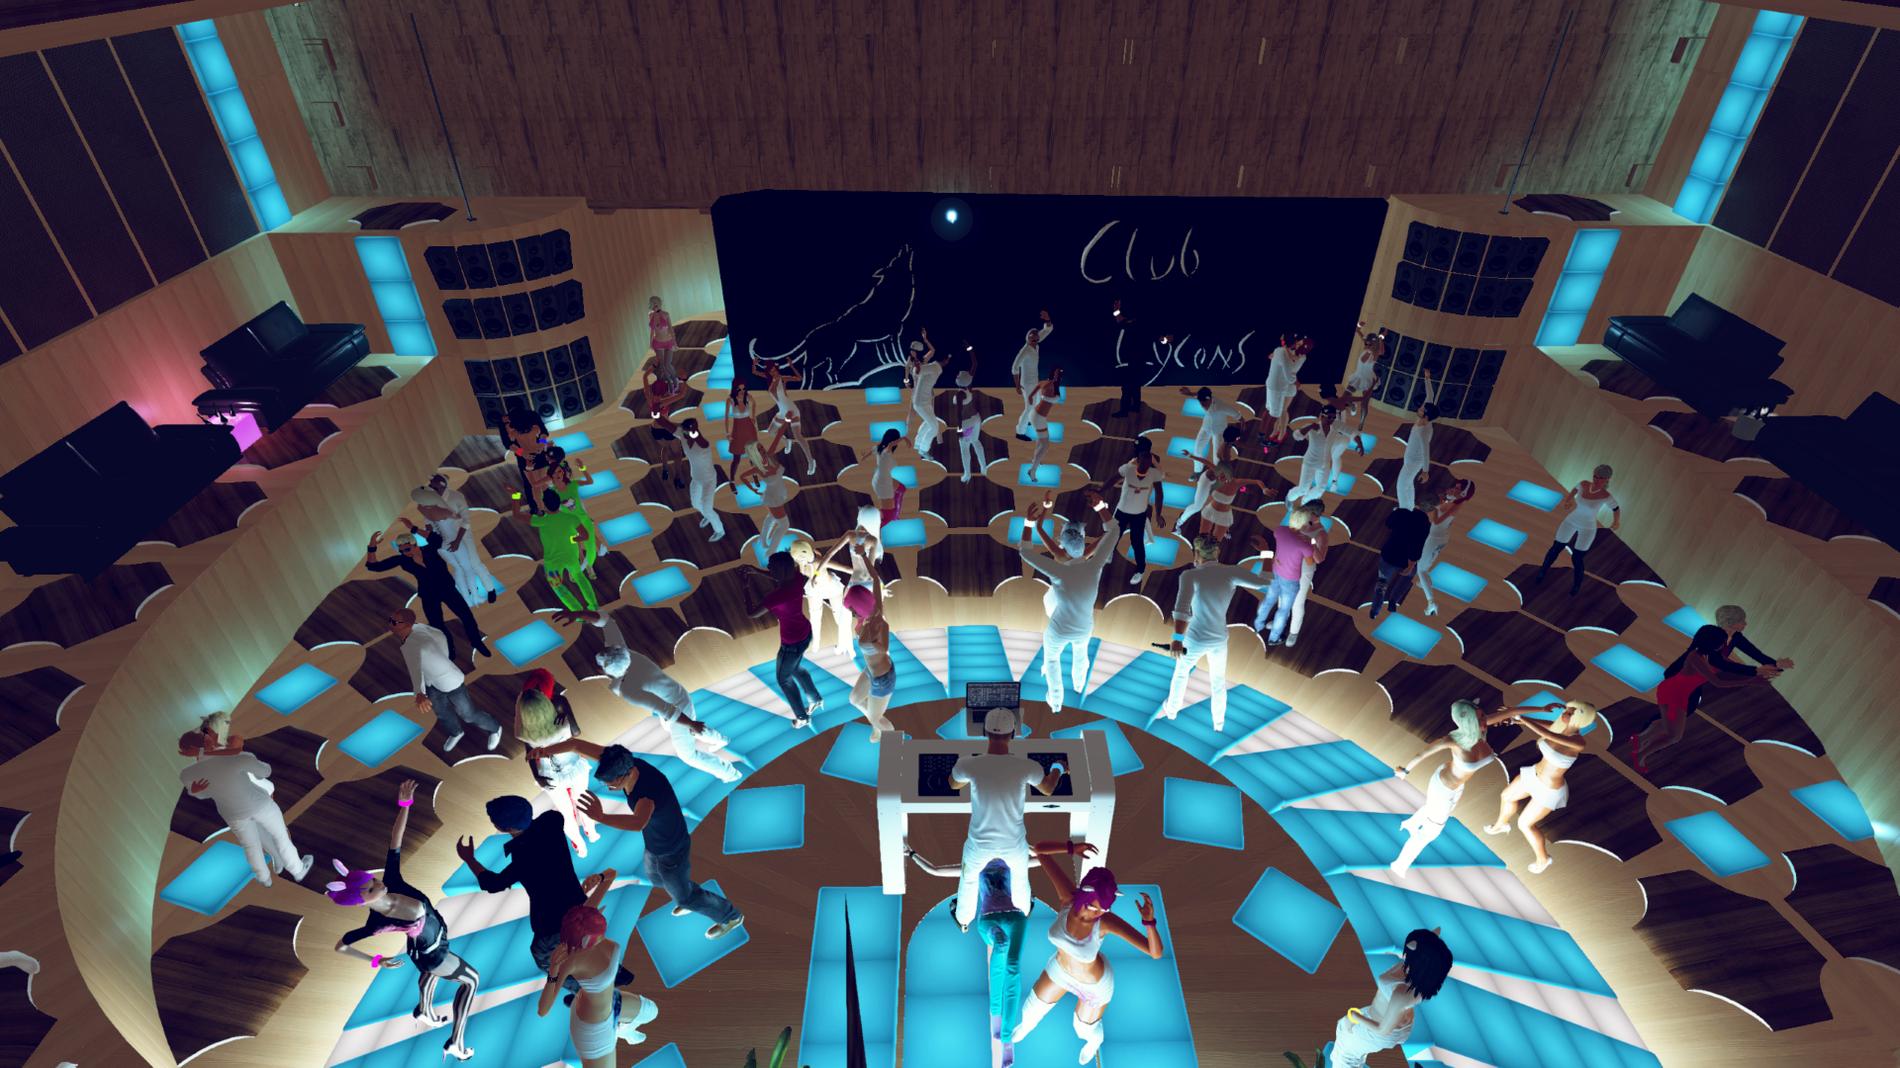 Lycan Club